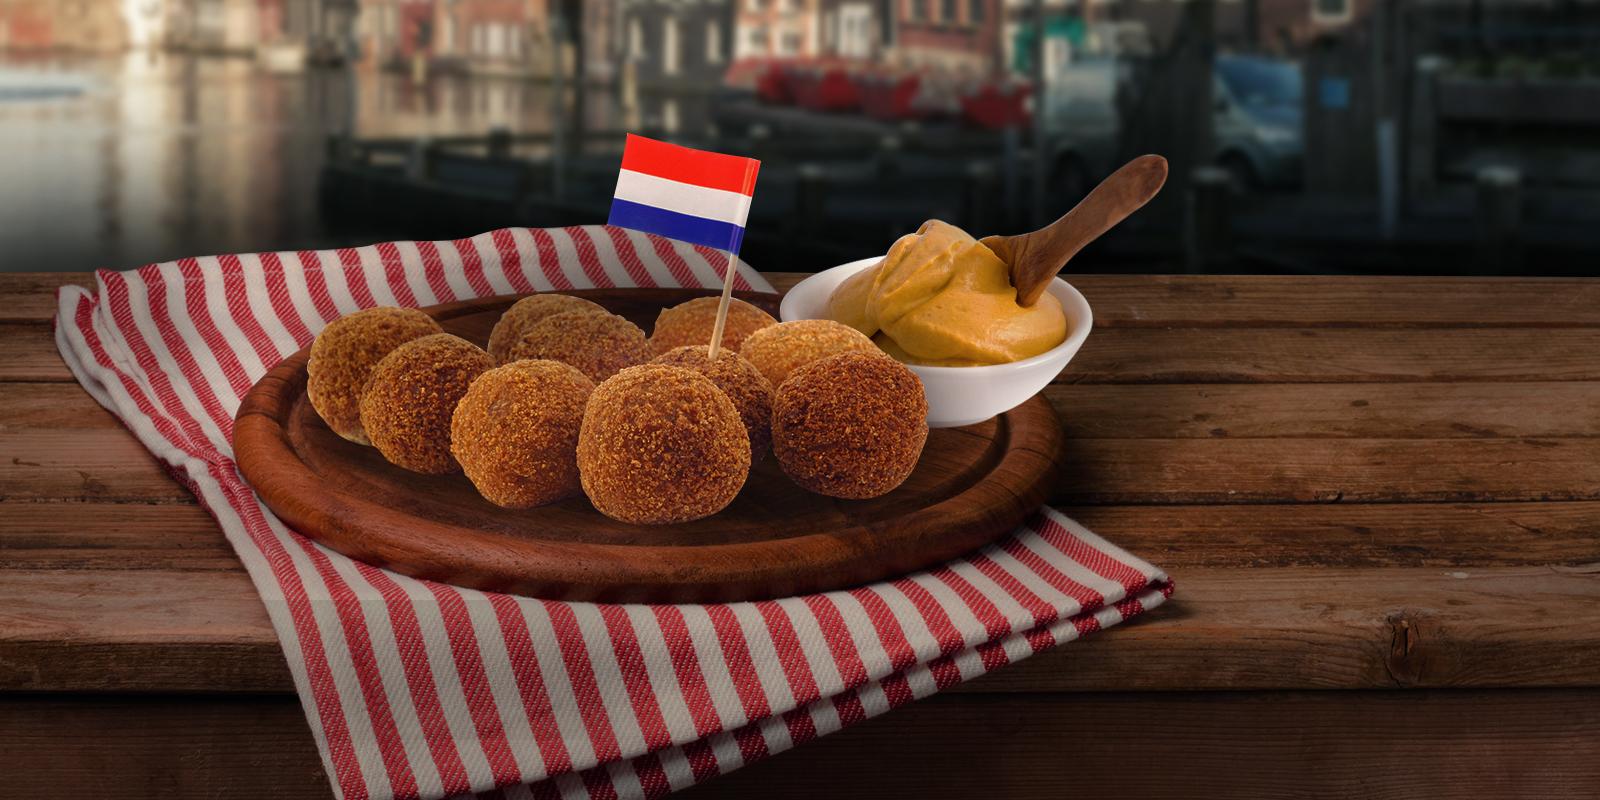 foodcourt de De Hallen pour manger a Amsterdam